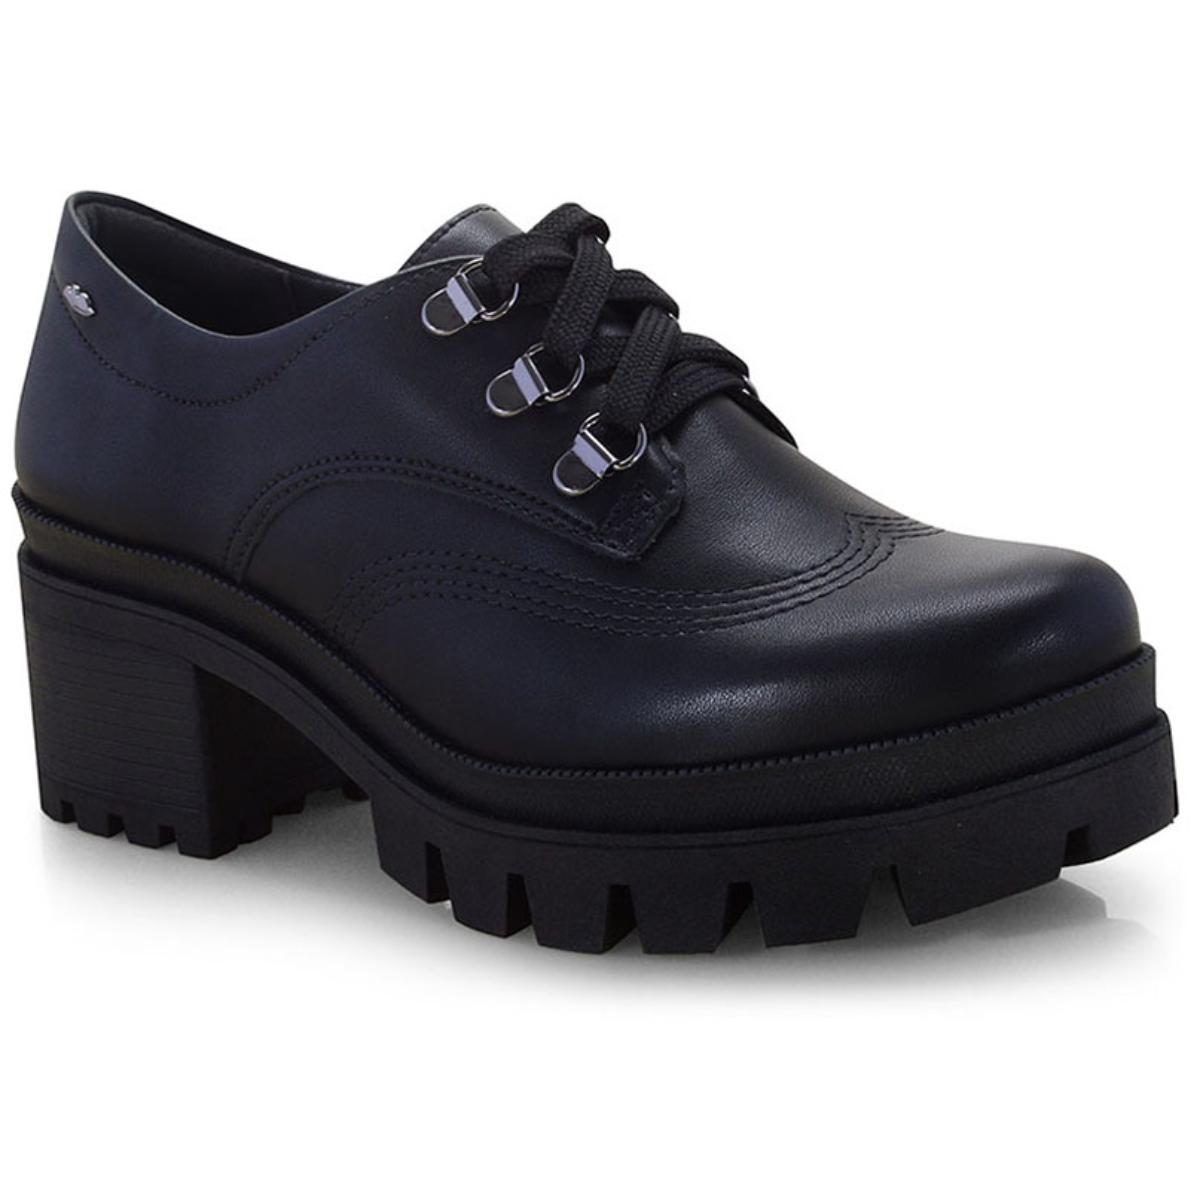 Sapato Feminino Dakota G1351 Preto